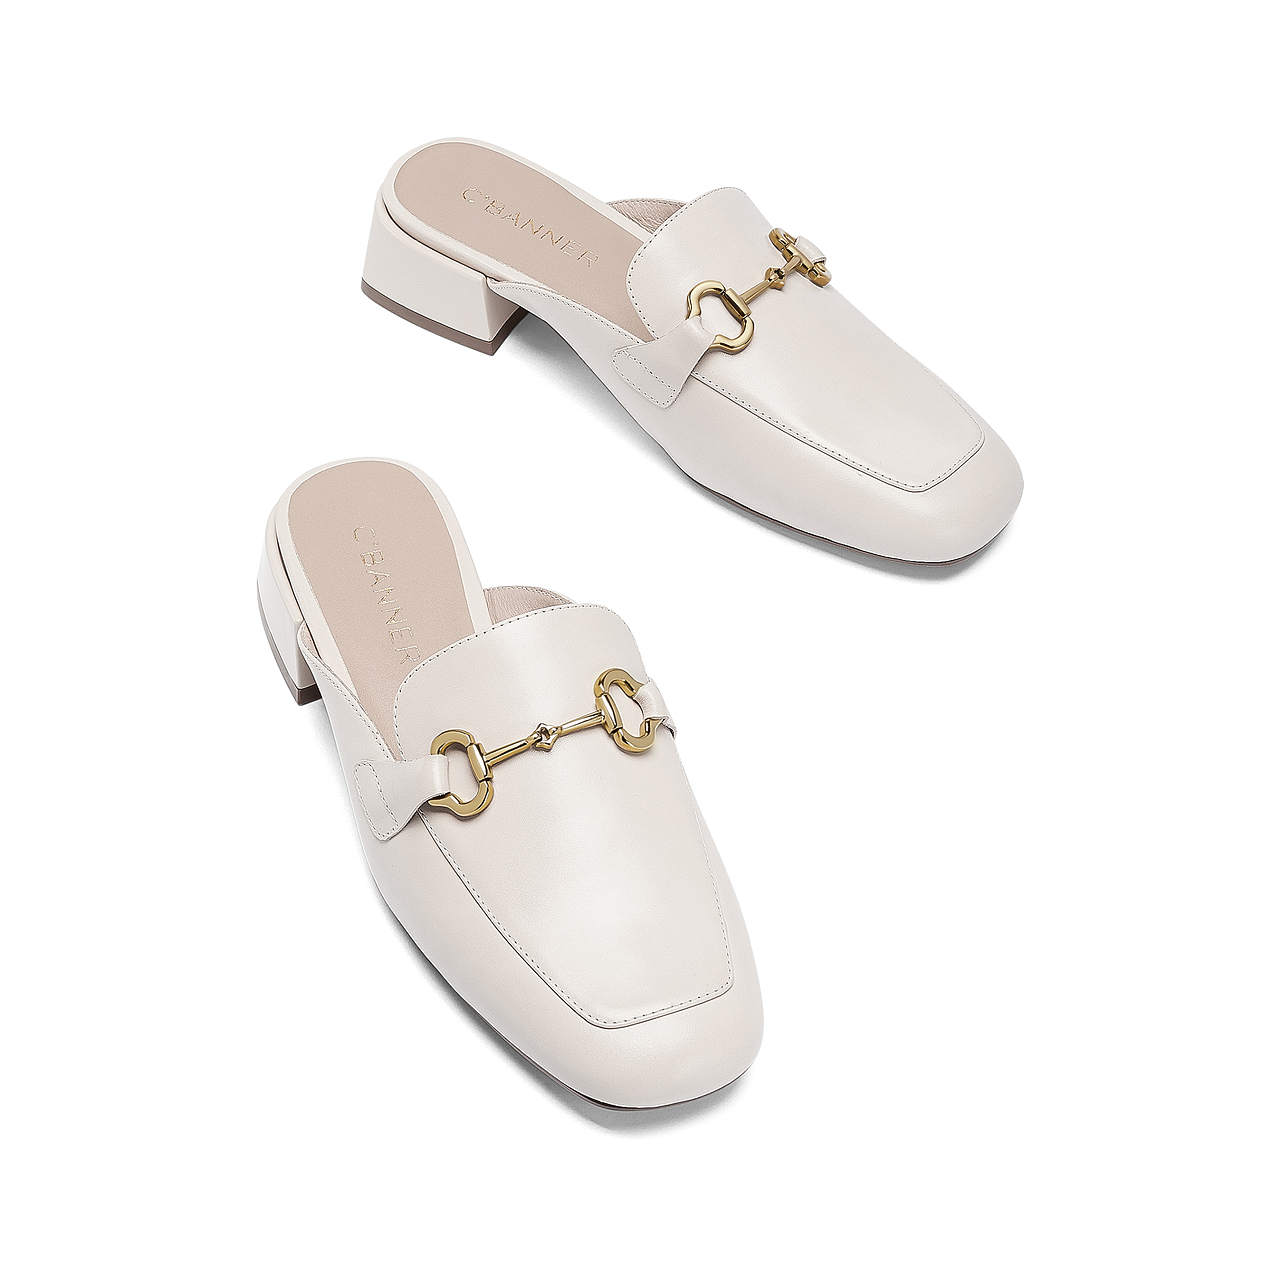 春夏新款外穿真皮穆勒鞋包头单鞋 2021 千百度女鞋 姐直播专享 K